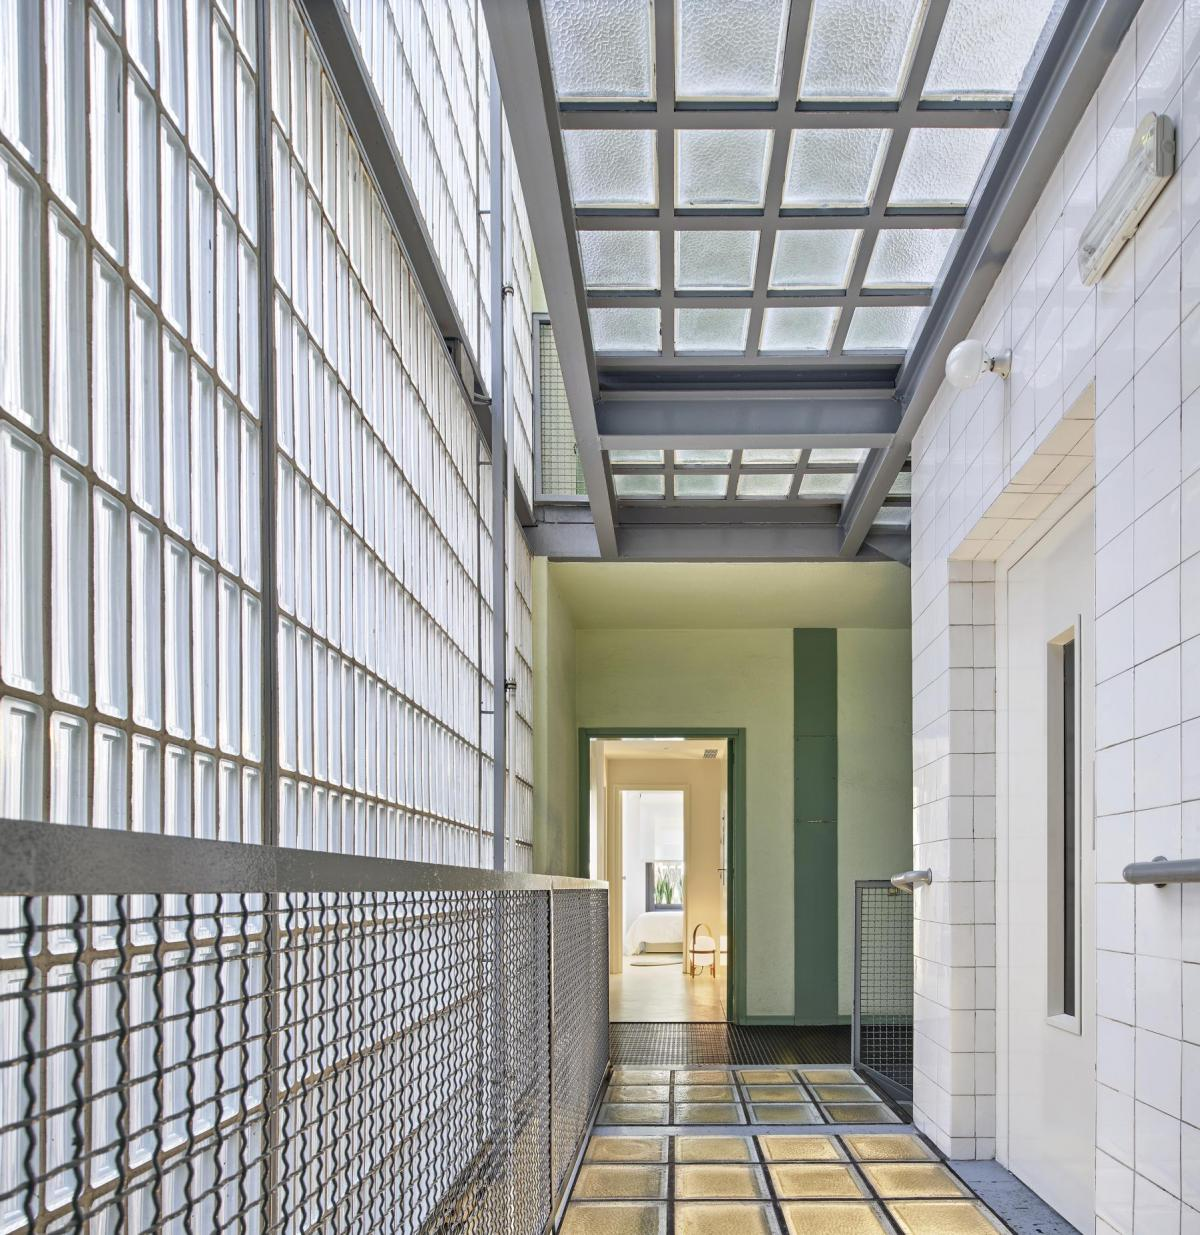 Reforma piso edificio MBM estudio vilablanch